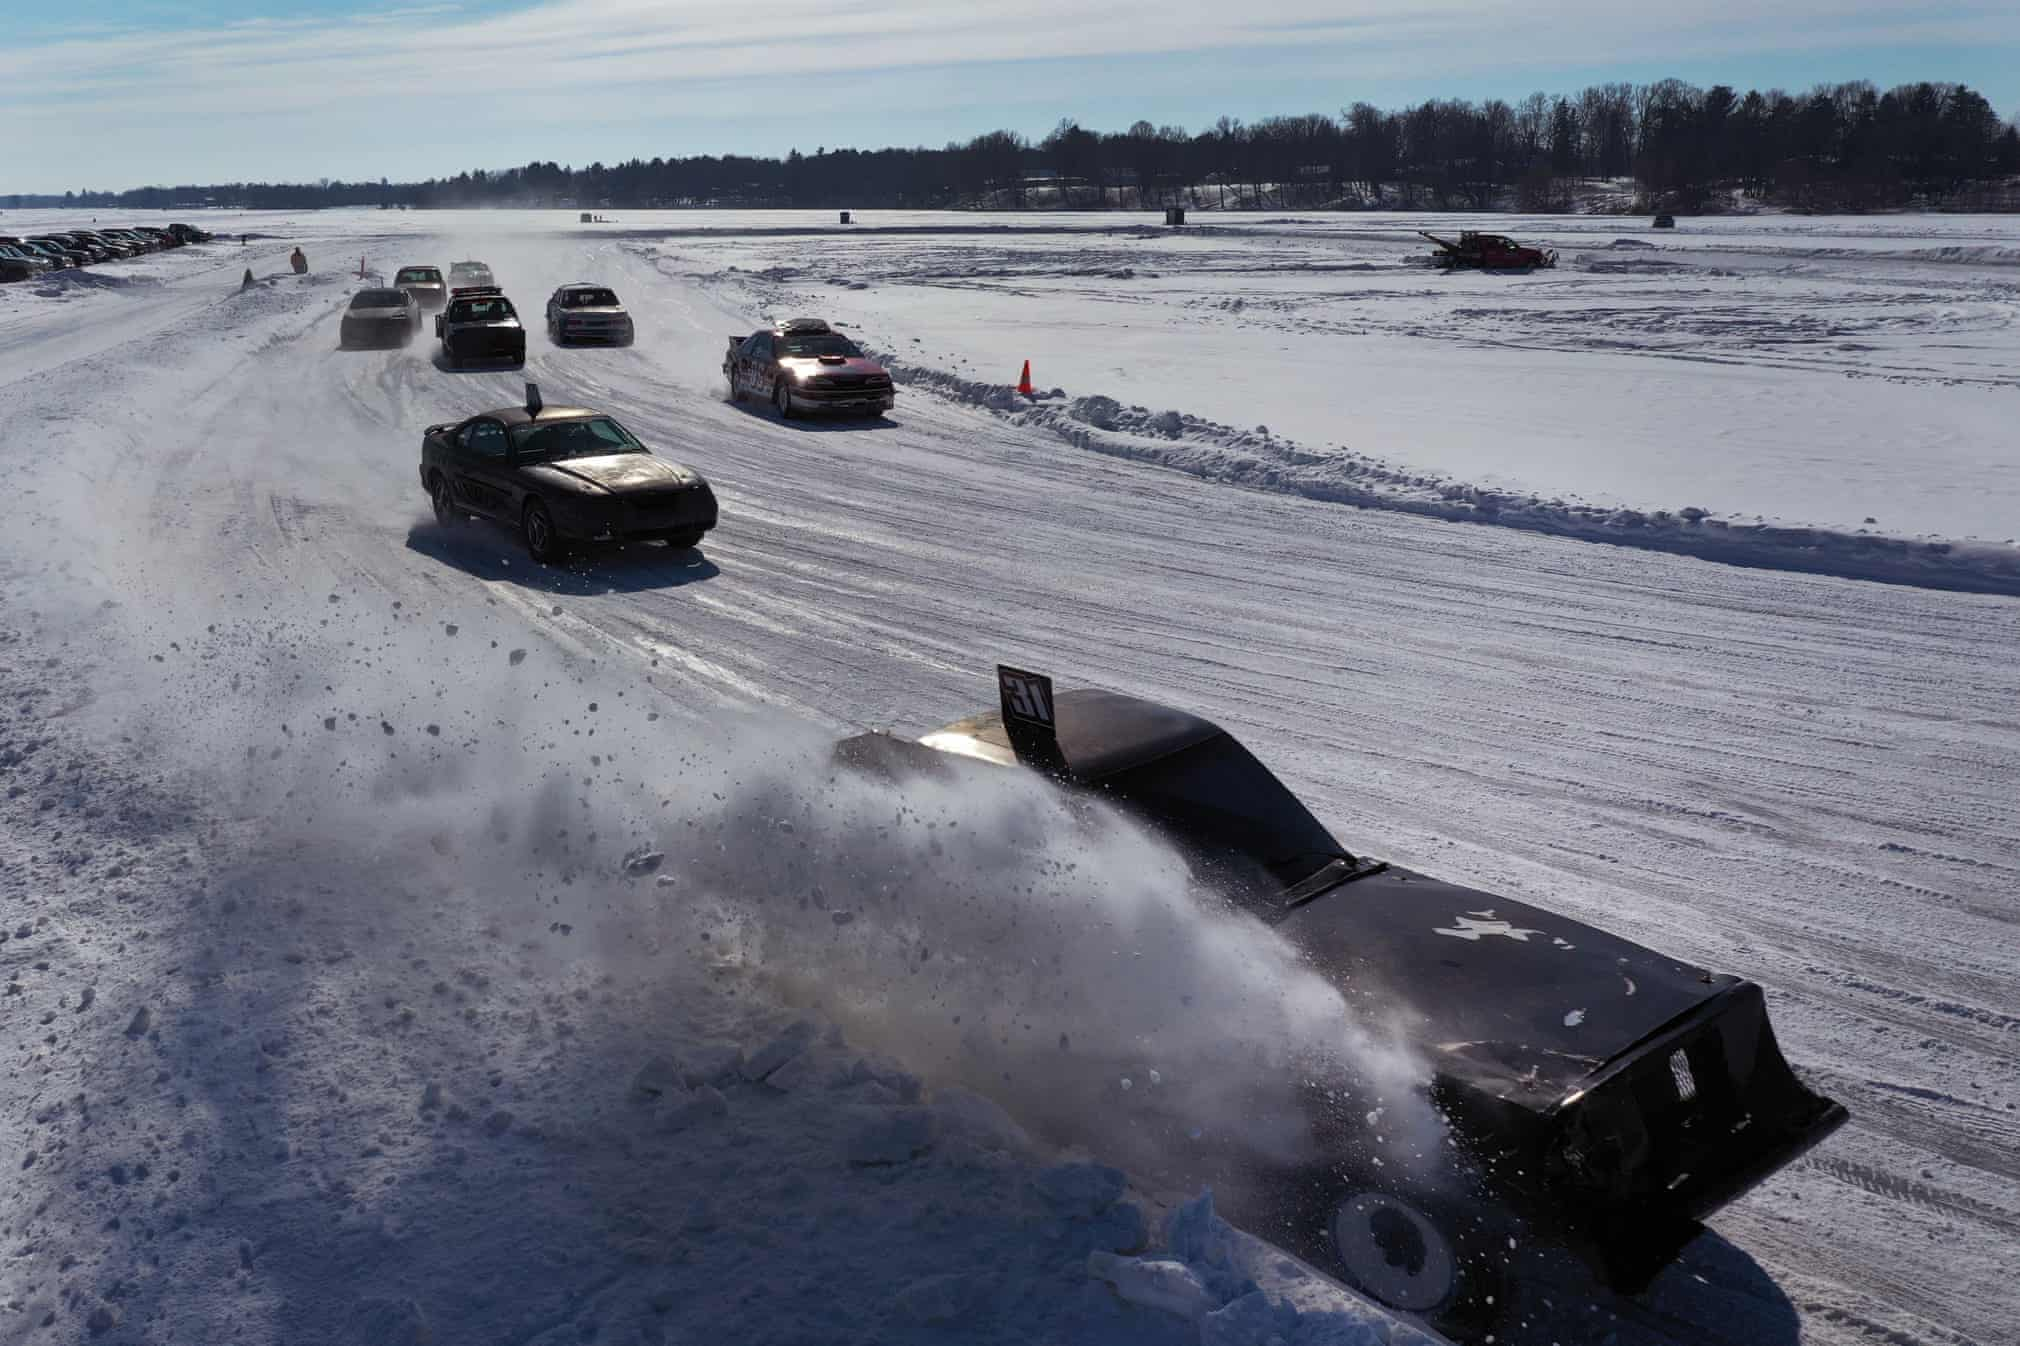 مسابقات ترسناک اتومبیلرانی روی دریاچه یخ زده+عکس